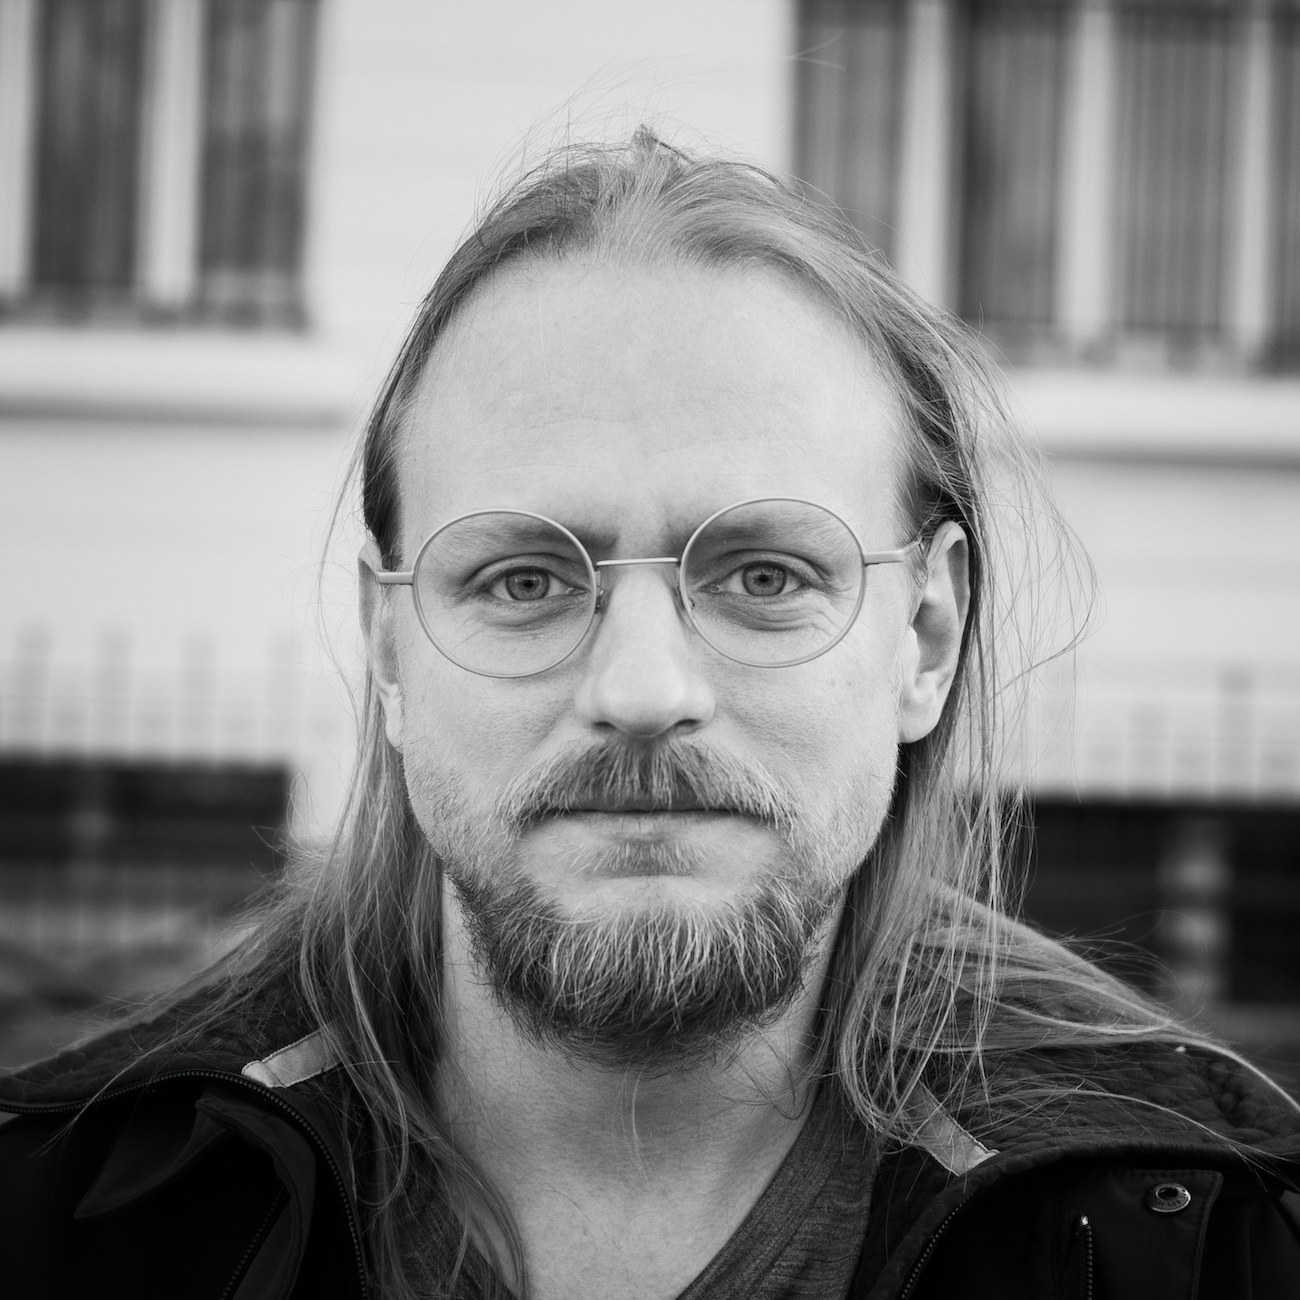 Bastian Greshake